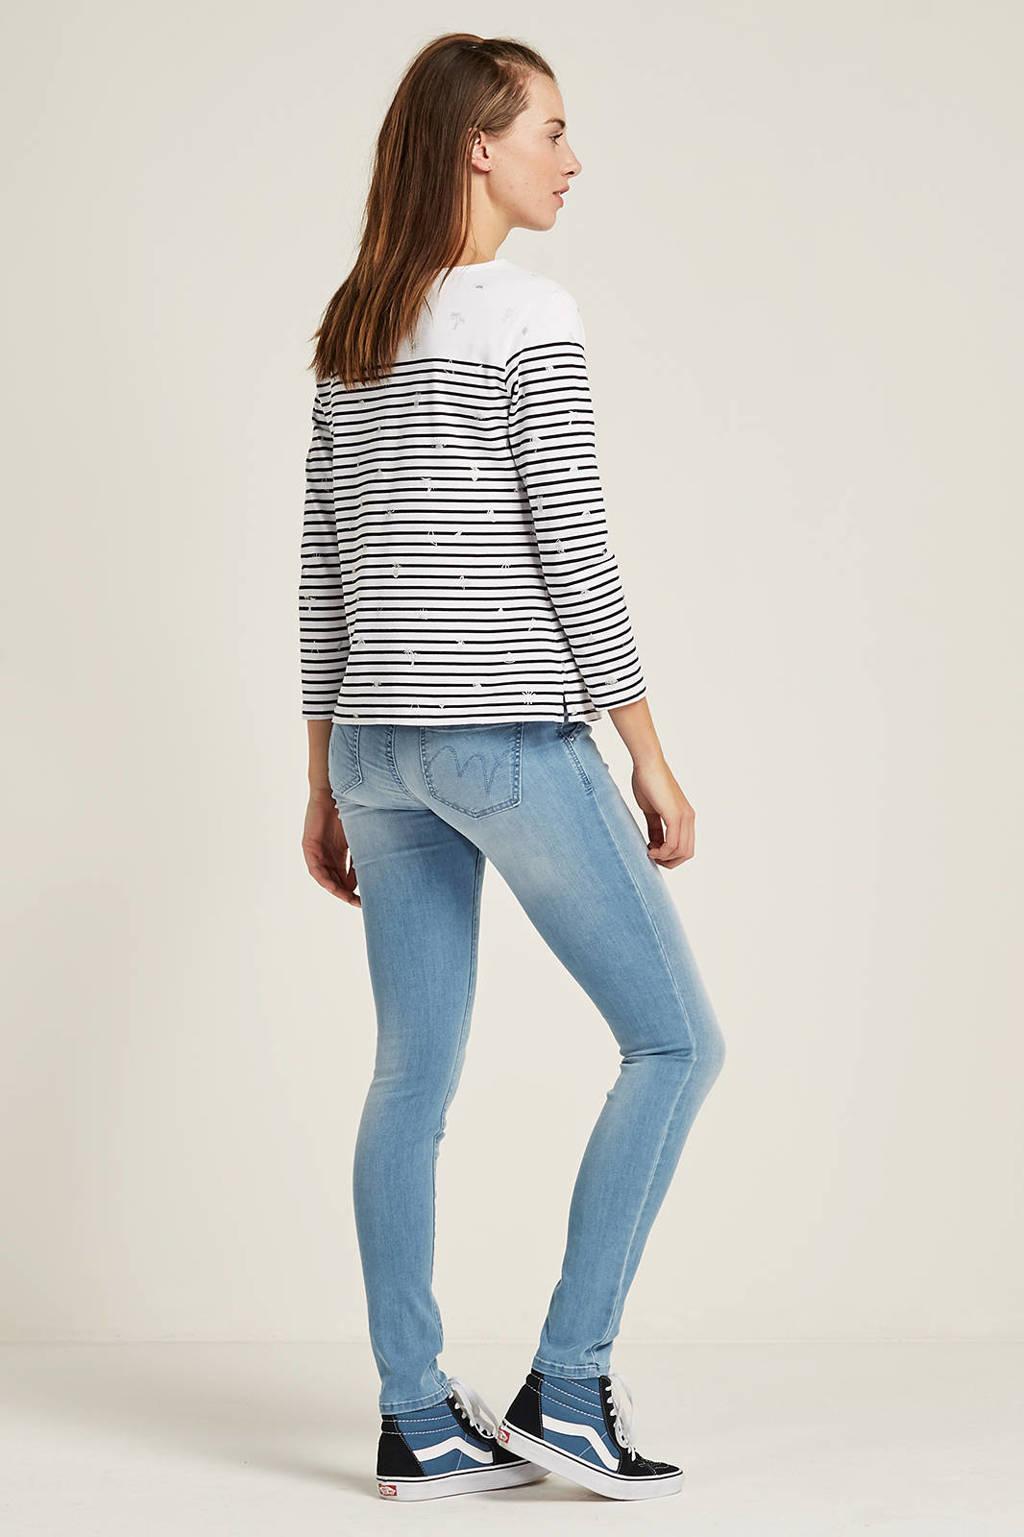 978b5951379 MET Jeans X-H-K-FIT/O D1205 E47 medium waist skinny fit jeans | wehkamp